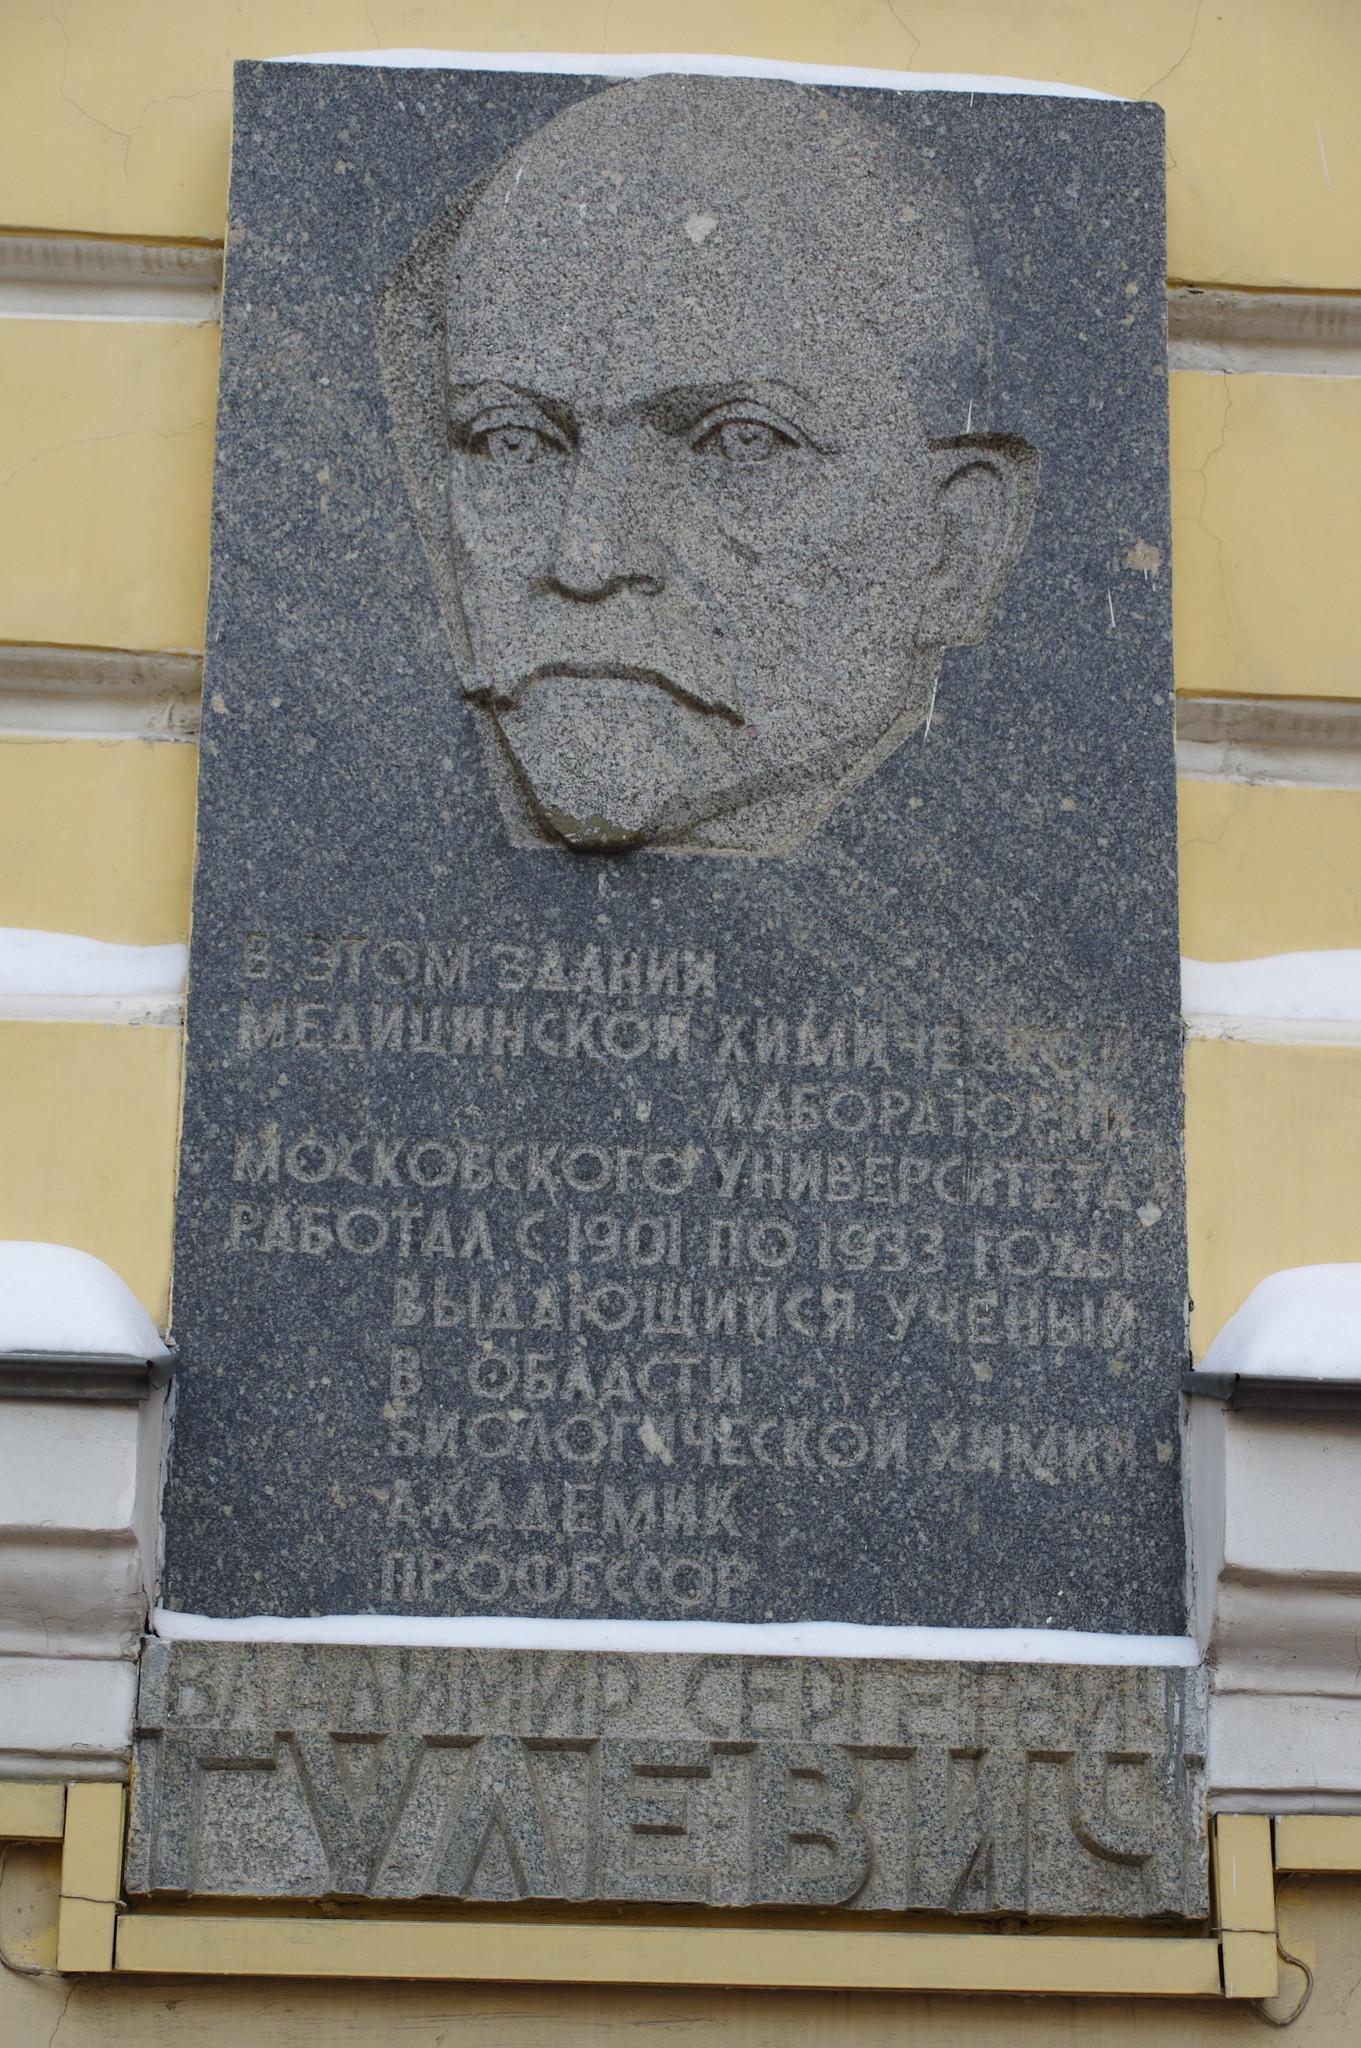 Мемориальная доска на здании медицинской химической лаборатории МГУ на Большой Никитской улице, где с 1901 года по 1933 год работал академик Владимир Сергеевич Гулевич